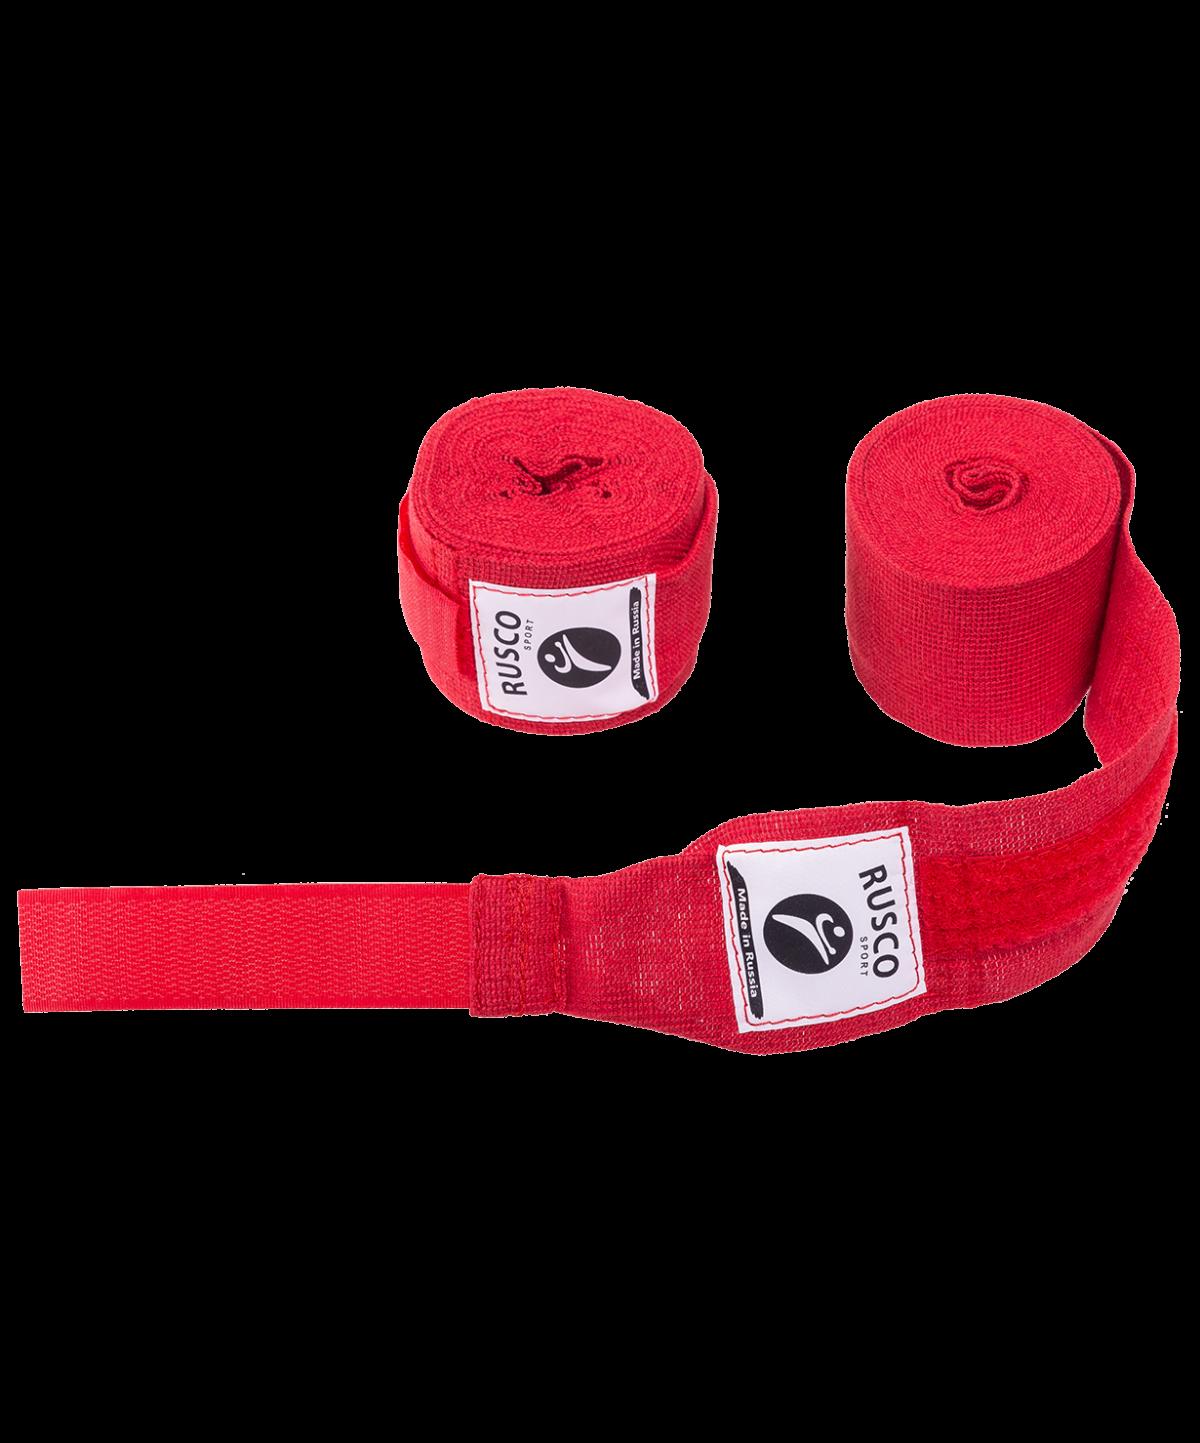 RUSCO Бинт боксерский, 3,5м, хлопок  126: красный - 1